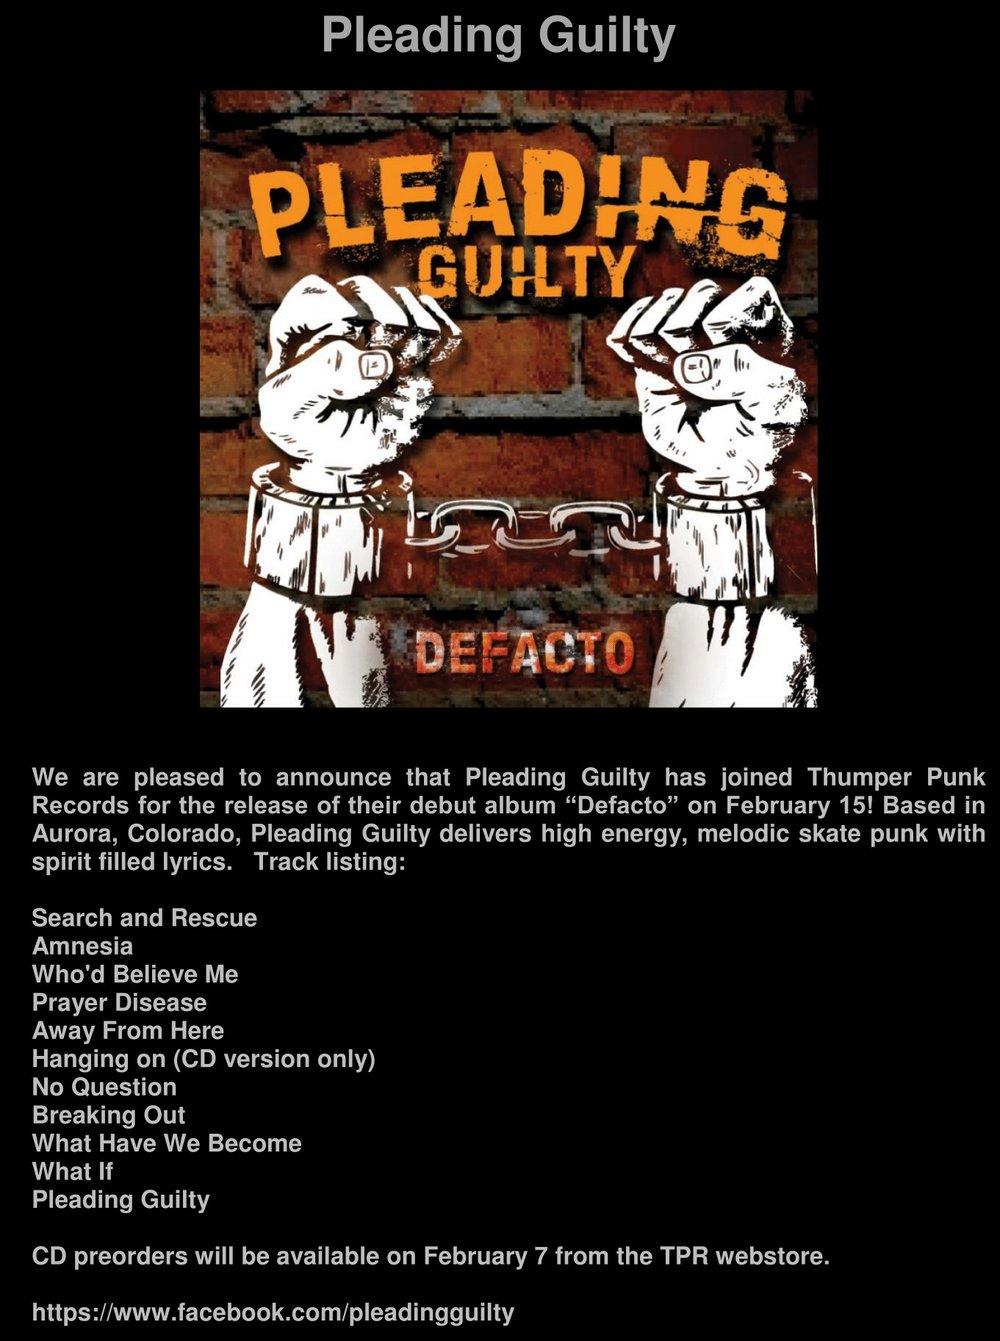 Pleading Guilty 170124-1 crop.jpg